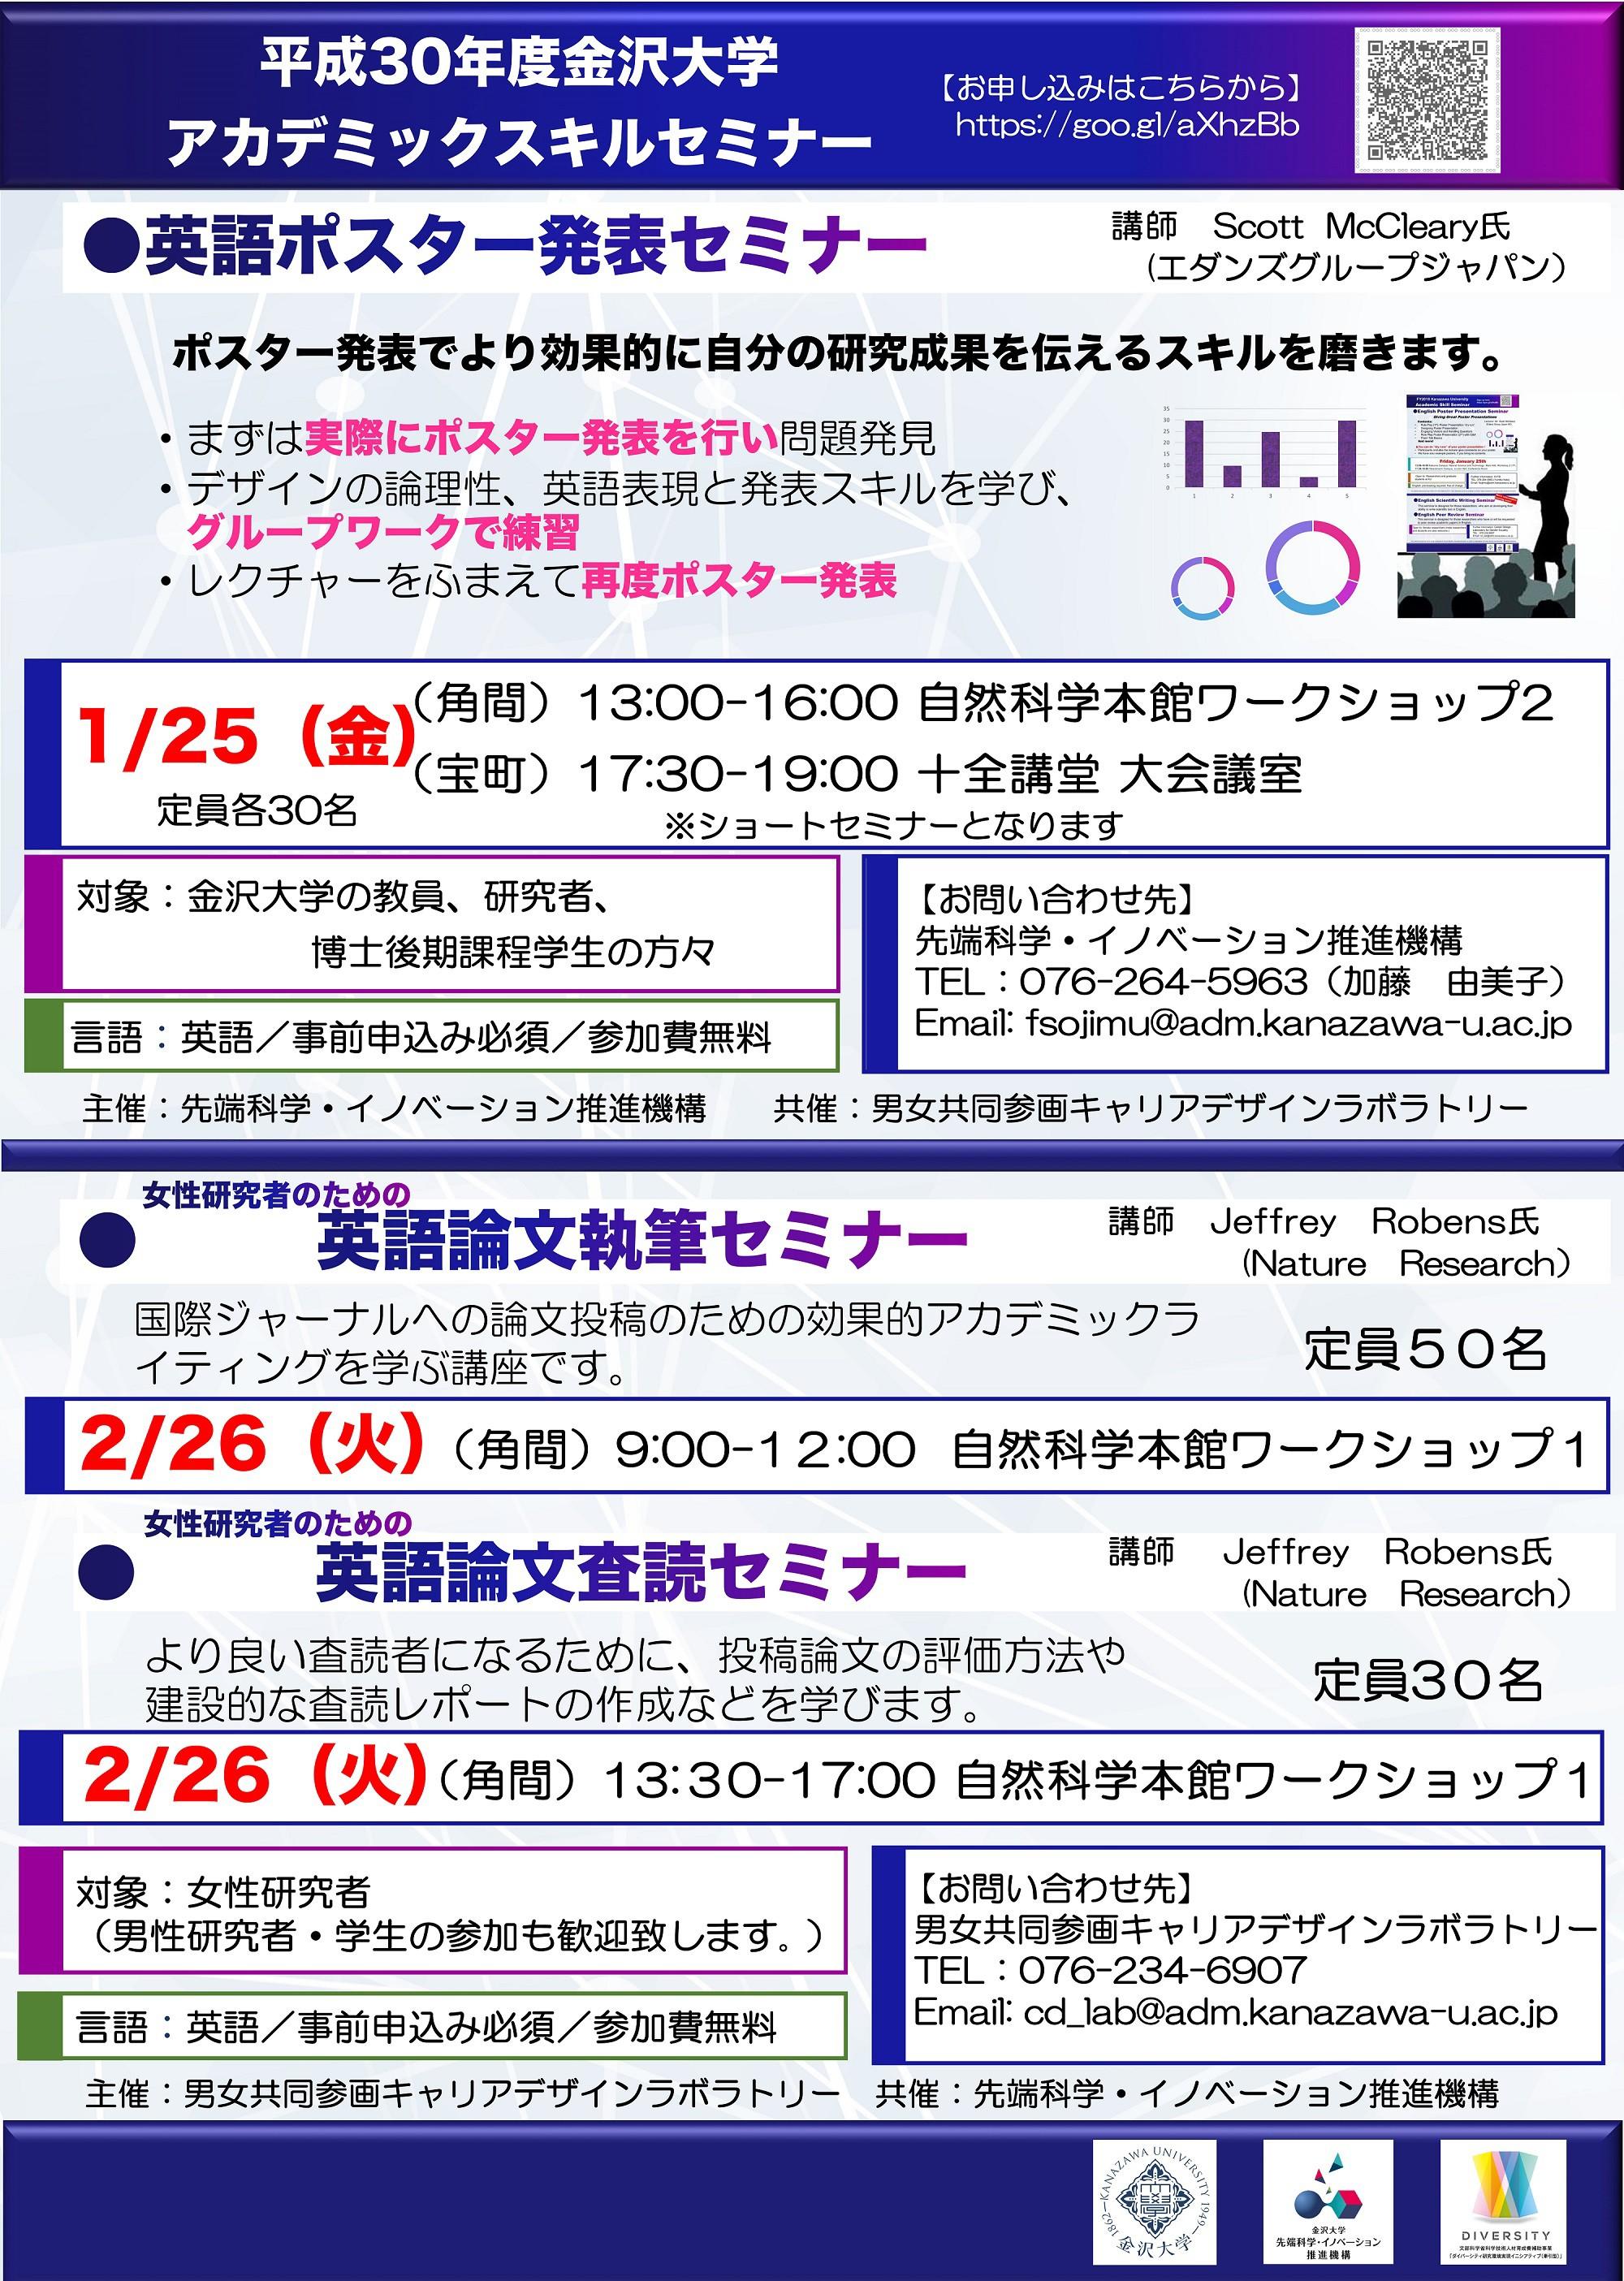 ○英語ポスタープレゼンテーションVer8-1-1.jpg